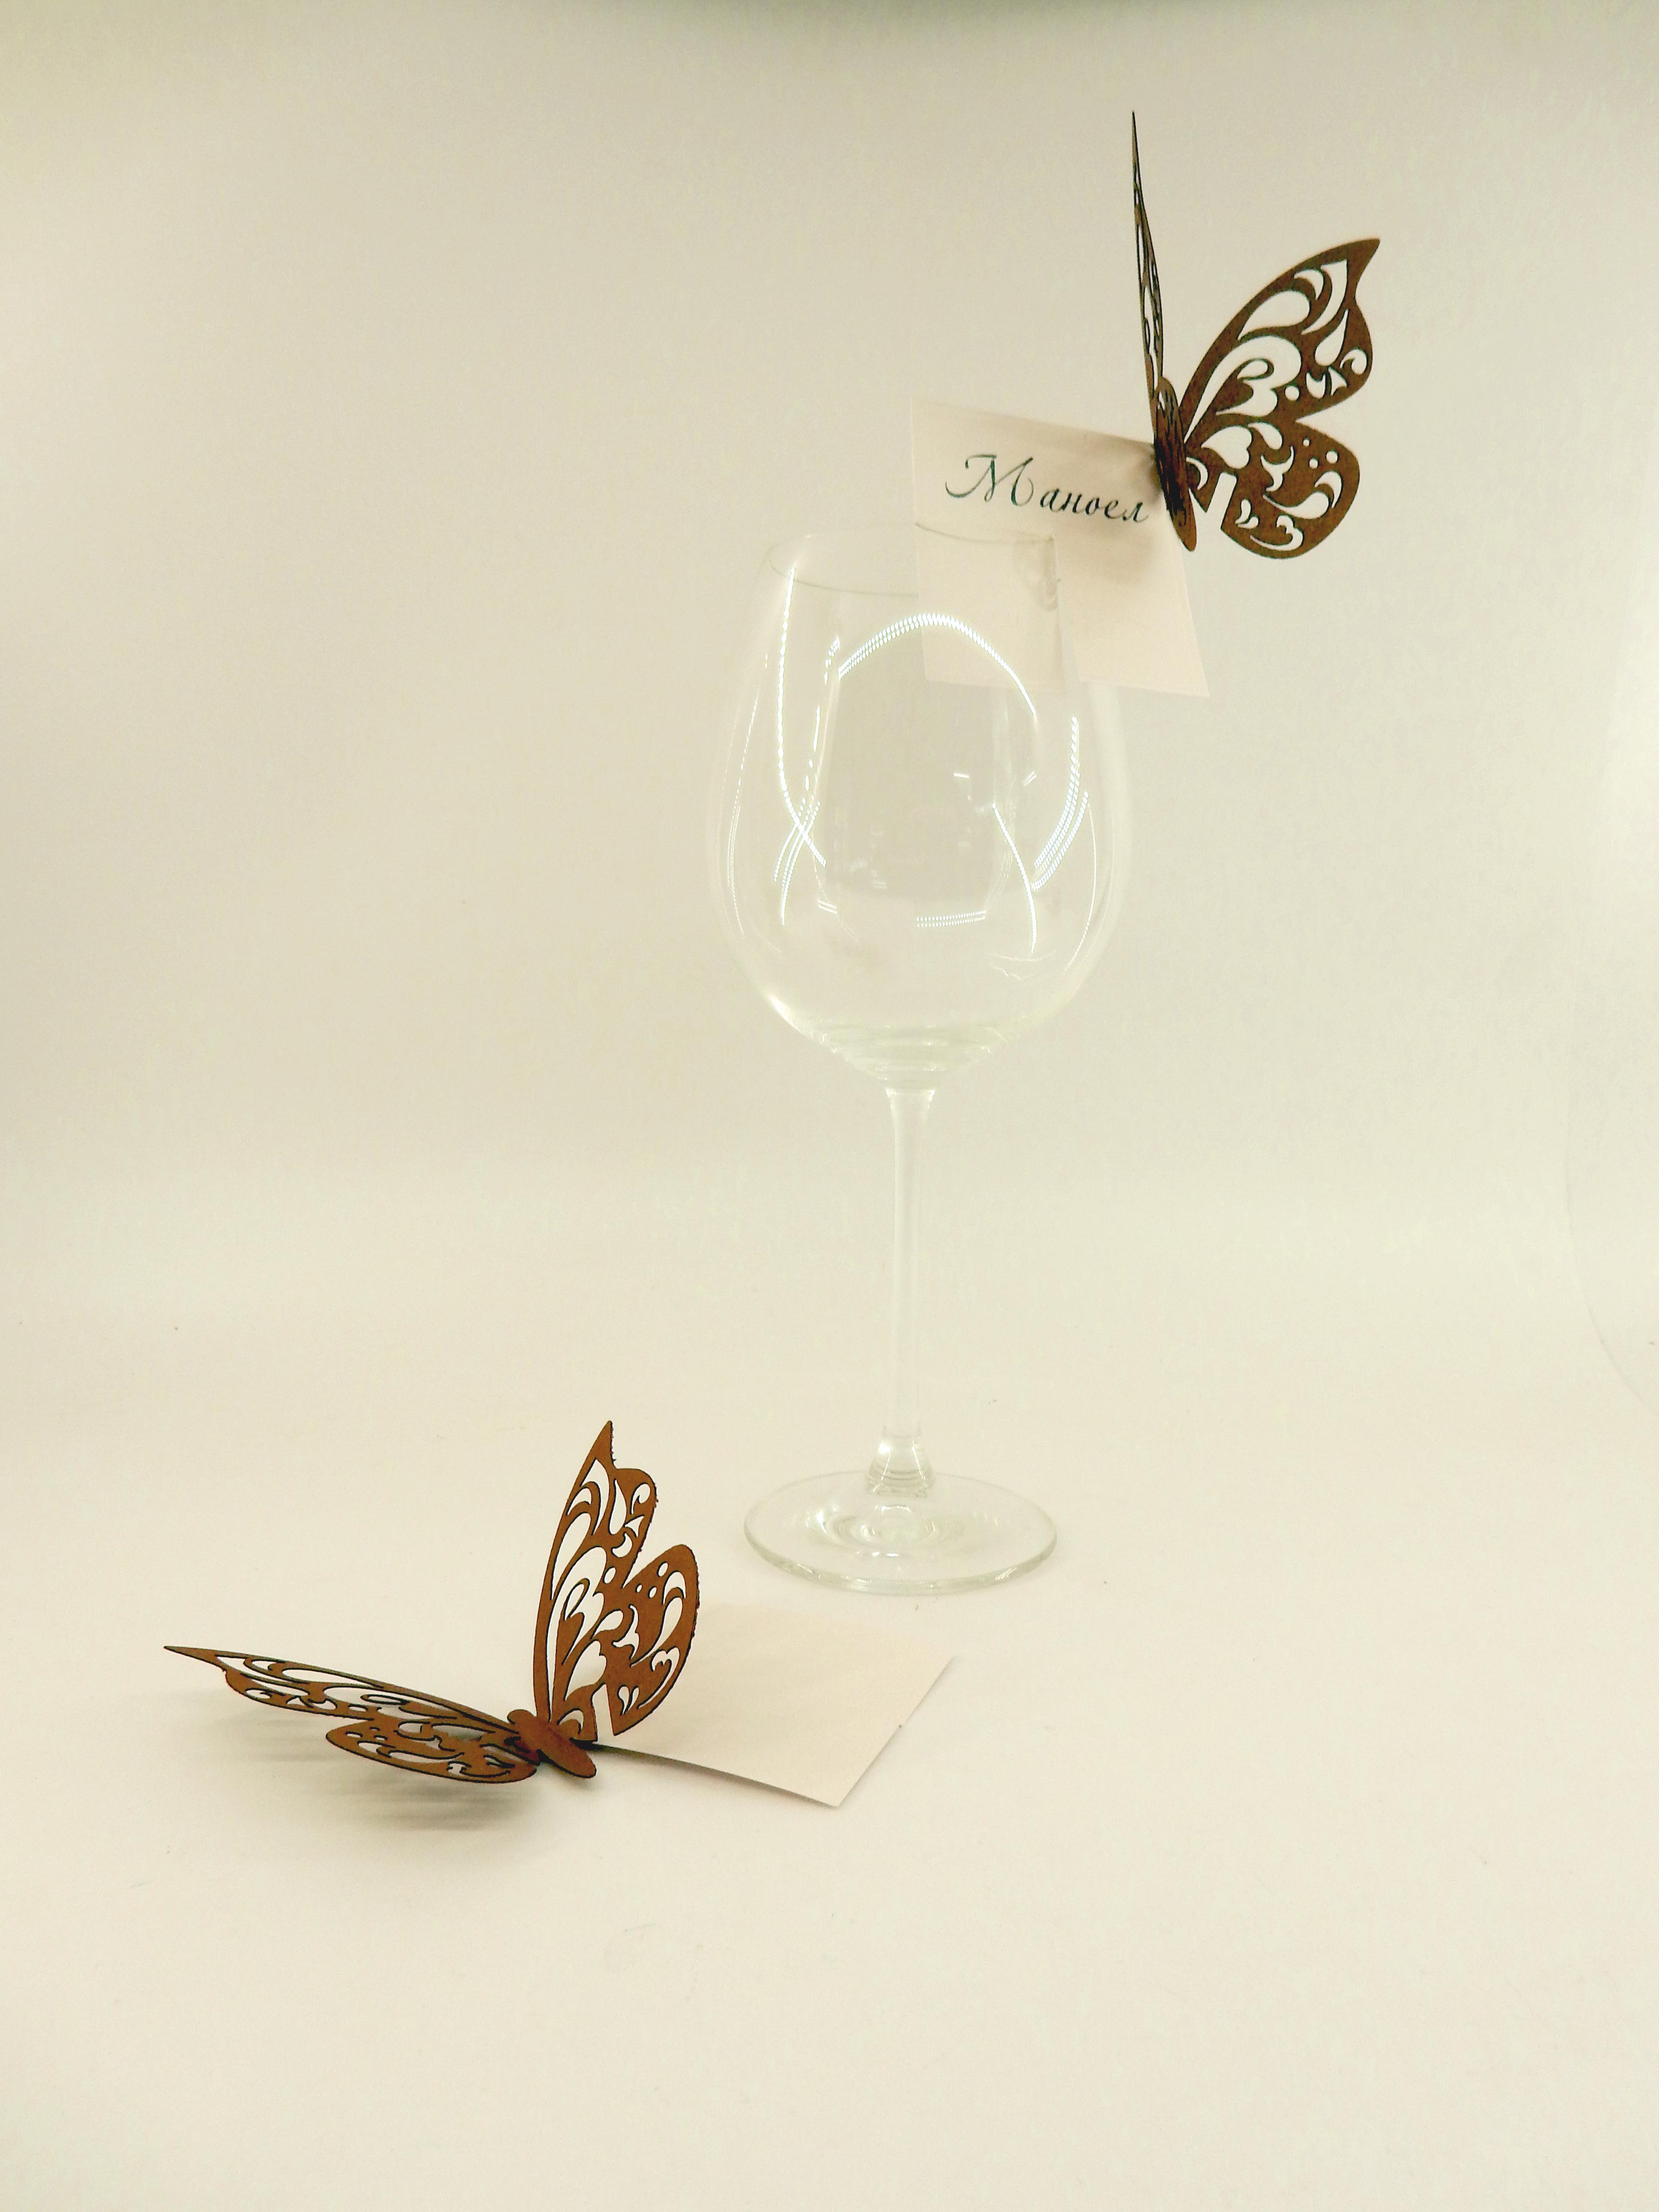 Елегантни табелки за имена за вашите гости декорирани с нежна пеперуда. Произведени от перлен картон в бяло и златисто кафяво, те са пригодени да бъдат закрепени на чаши. Ако желаете картона да е в друг цвят, свържете се с нас – ние ще се постараем поръчаната от вас декорация да е перфектна. Размери: Пеперуда - Най-дълга част: 7.5 см; Най- широка част: 12 см Табелка – 6.5 см x 6.5 см